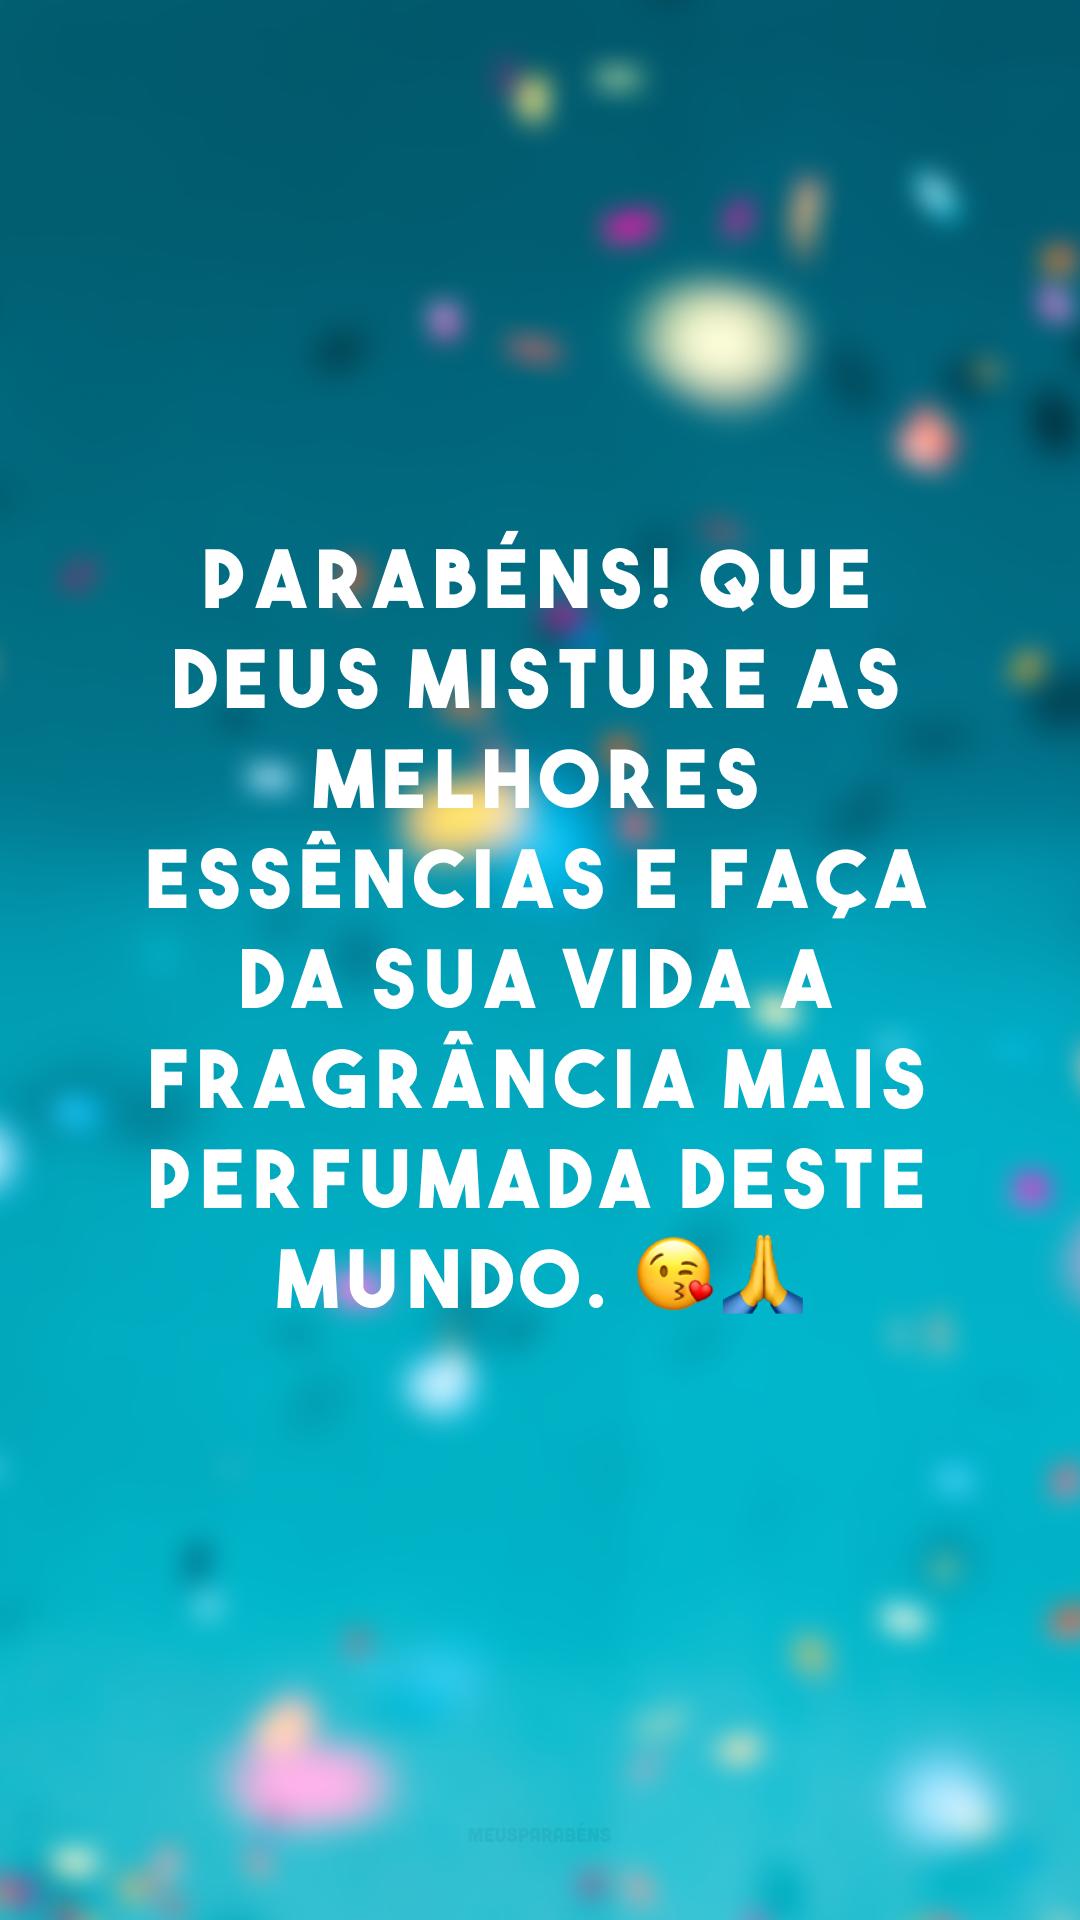 Parabéns! Que Deus misture as melhores essências e faça da sua vida a fragrância mais perfumada deste mundo. 😘🙏